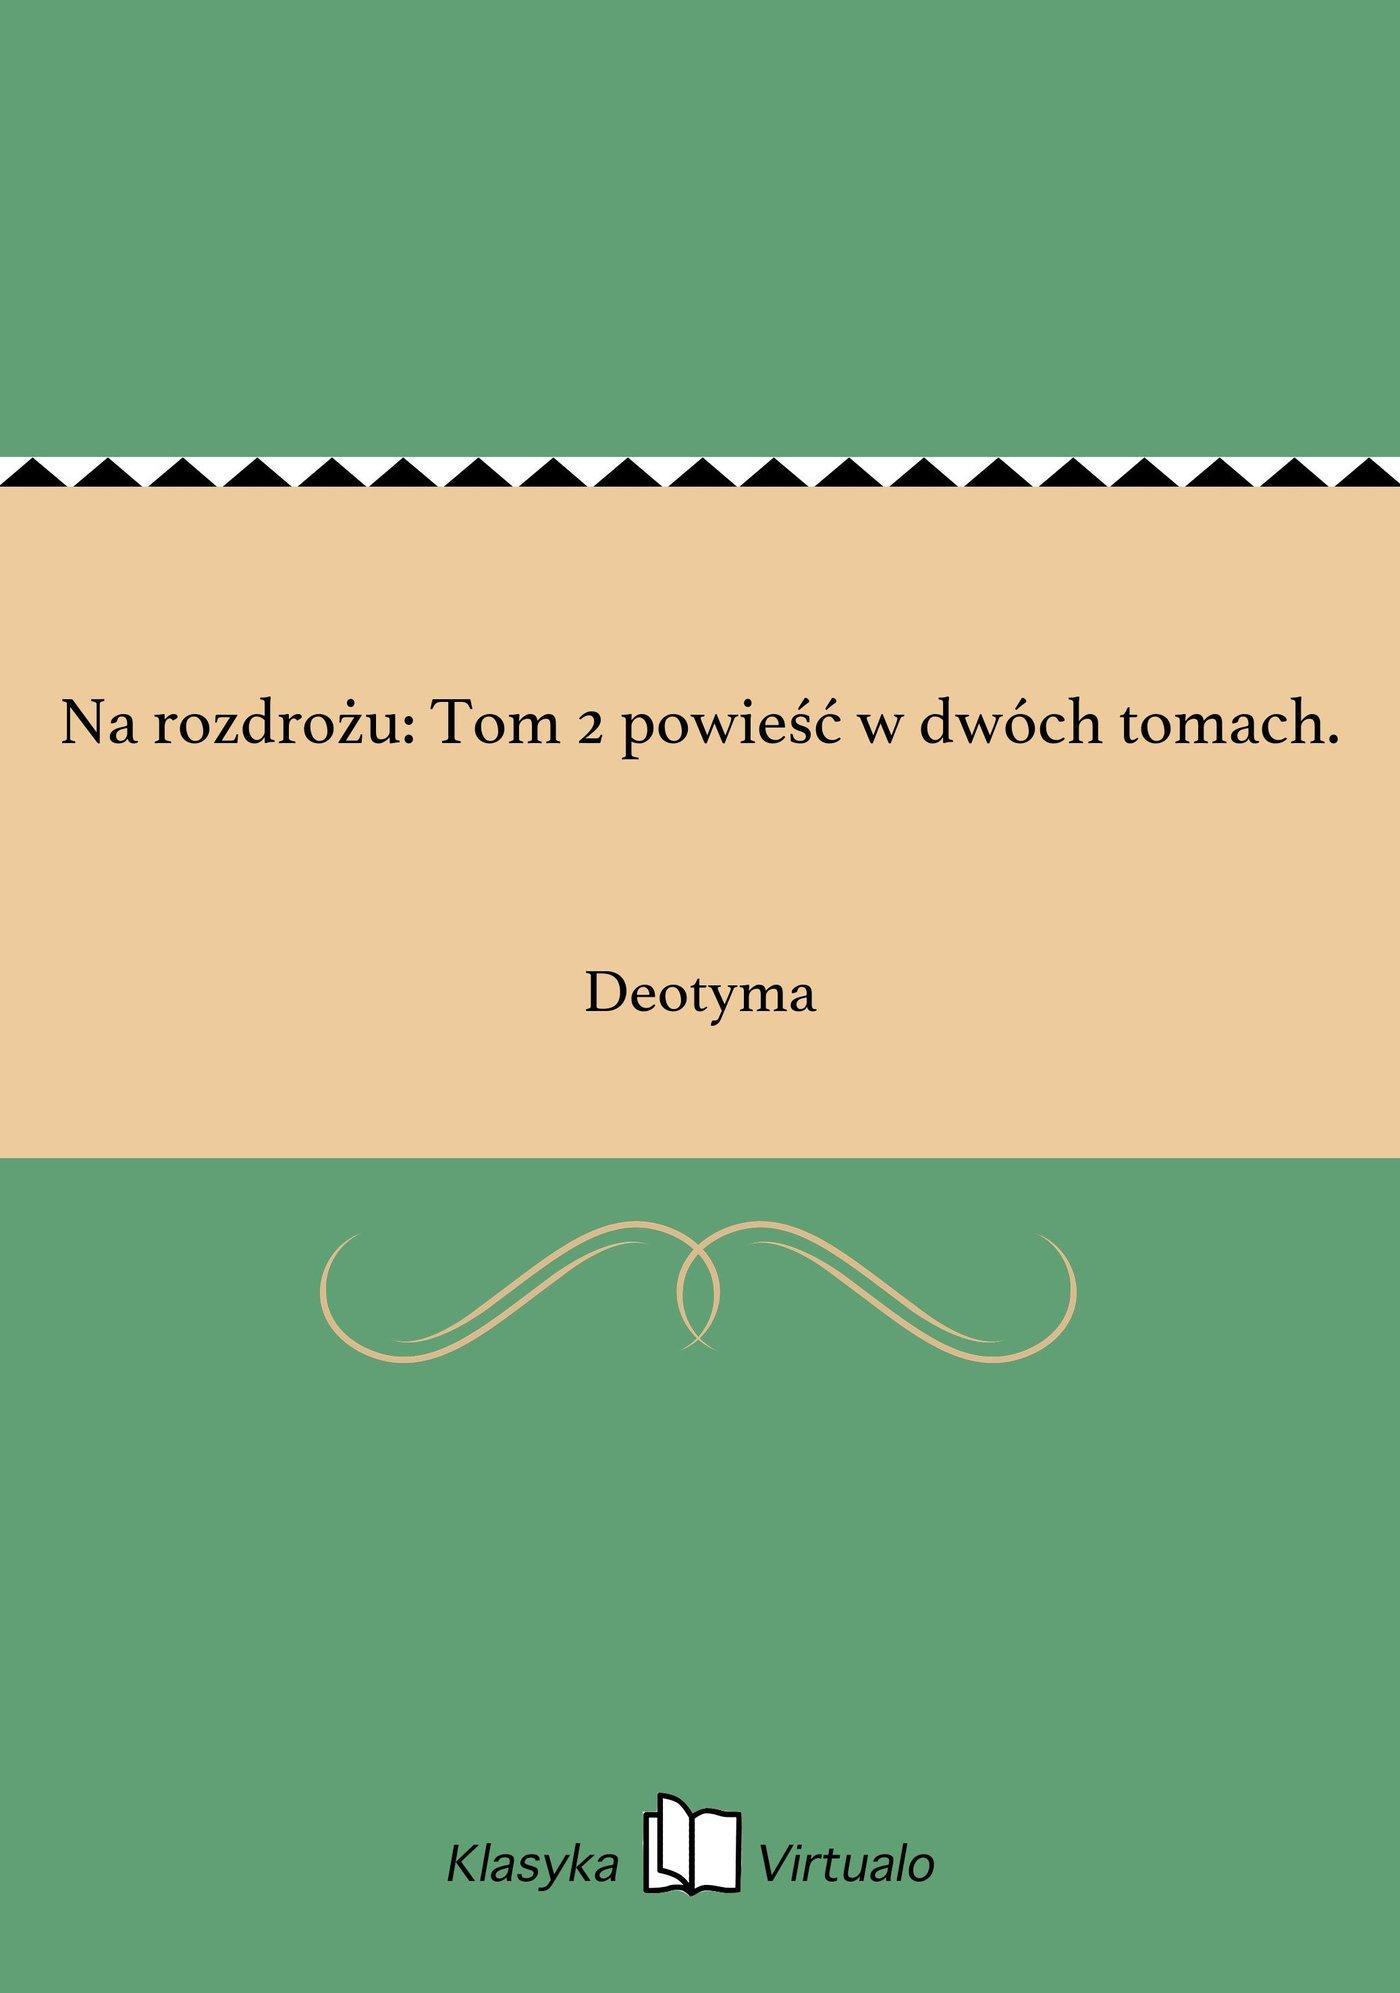 Na rozdrożu: Tom 2 powieść w dwóch tomach. - Ebook (Książka EPUB) do pobrania w formacie EPUB